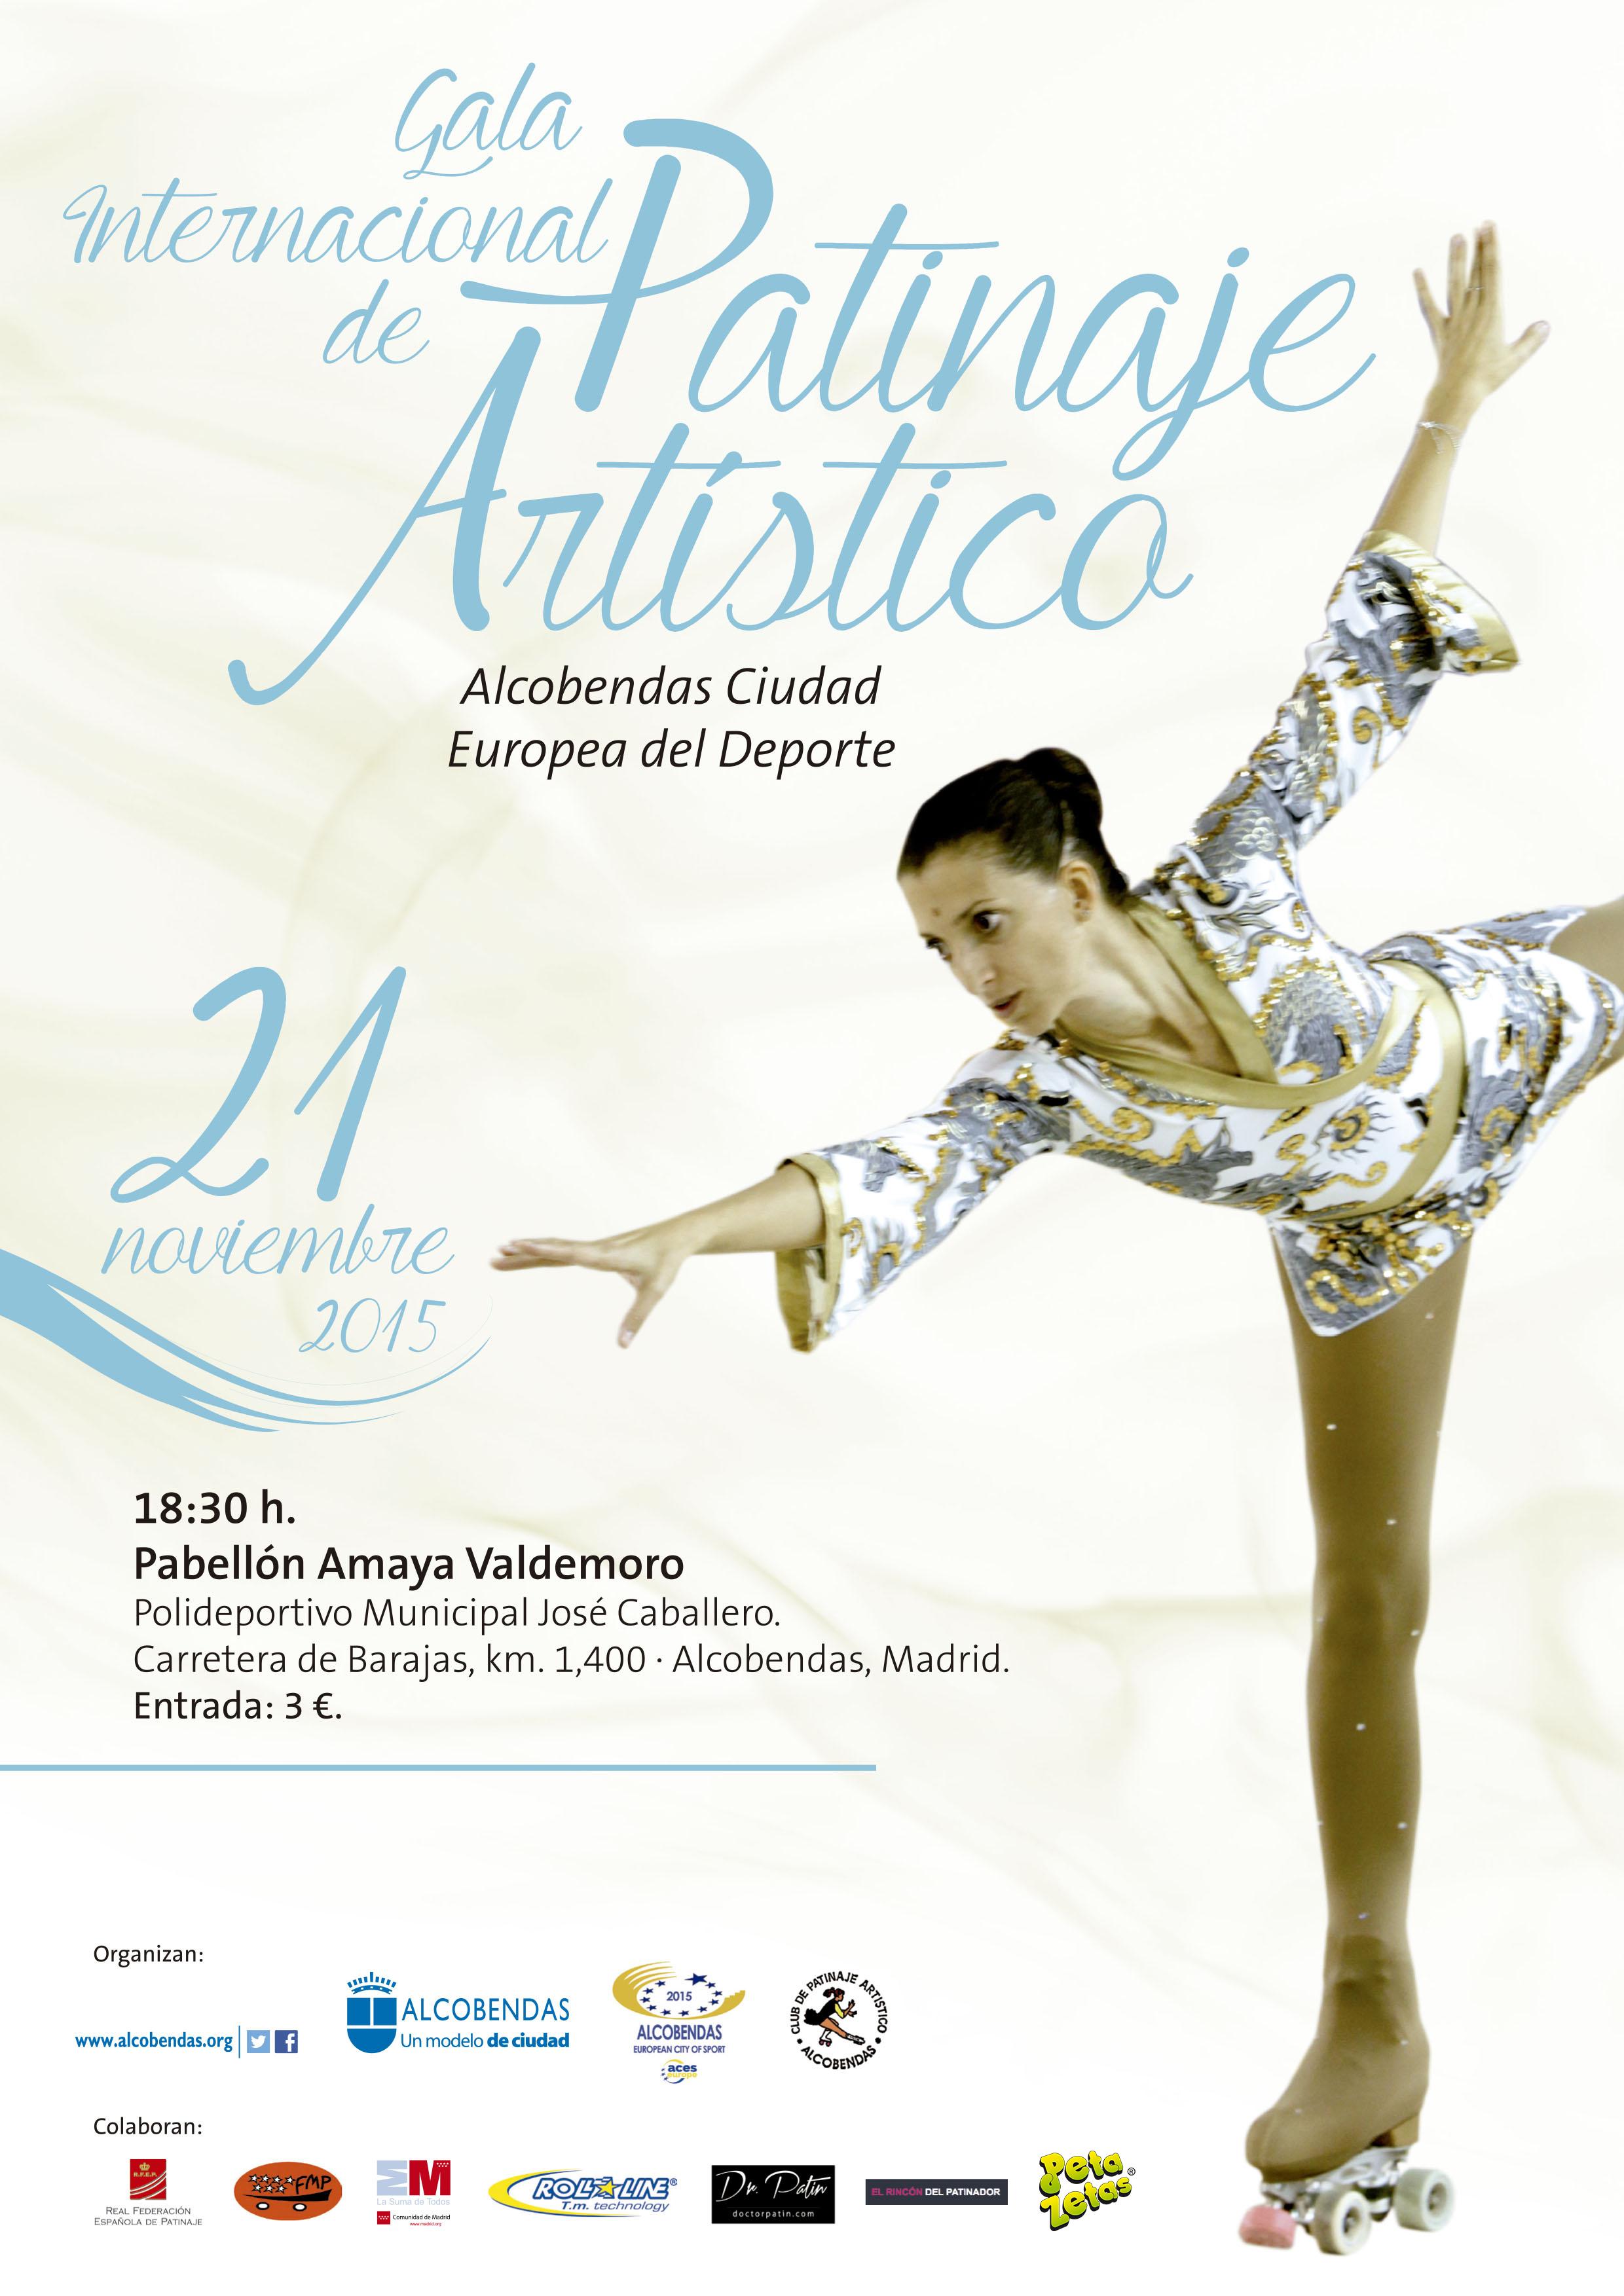 Peta Zetas colaborará en la Gala de Patinaje Artístico de Alcobendas